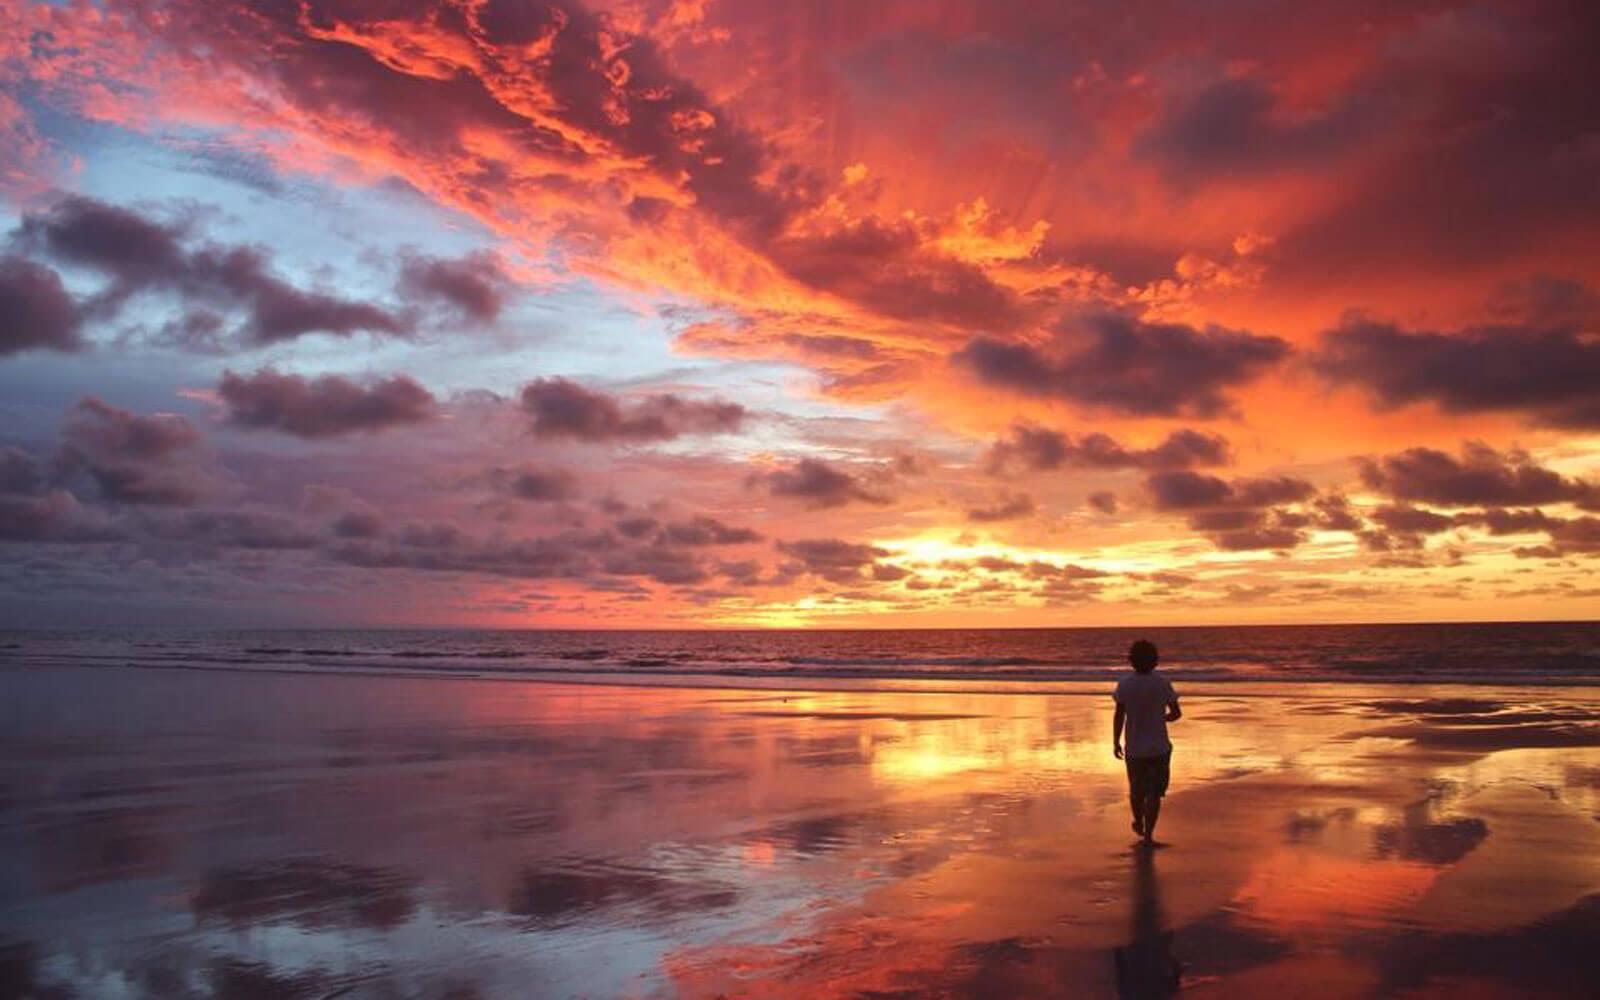 Dominik vor einem Sonnenuntergang in allen erdenklichen Farben